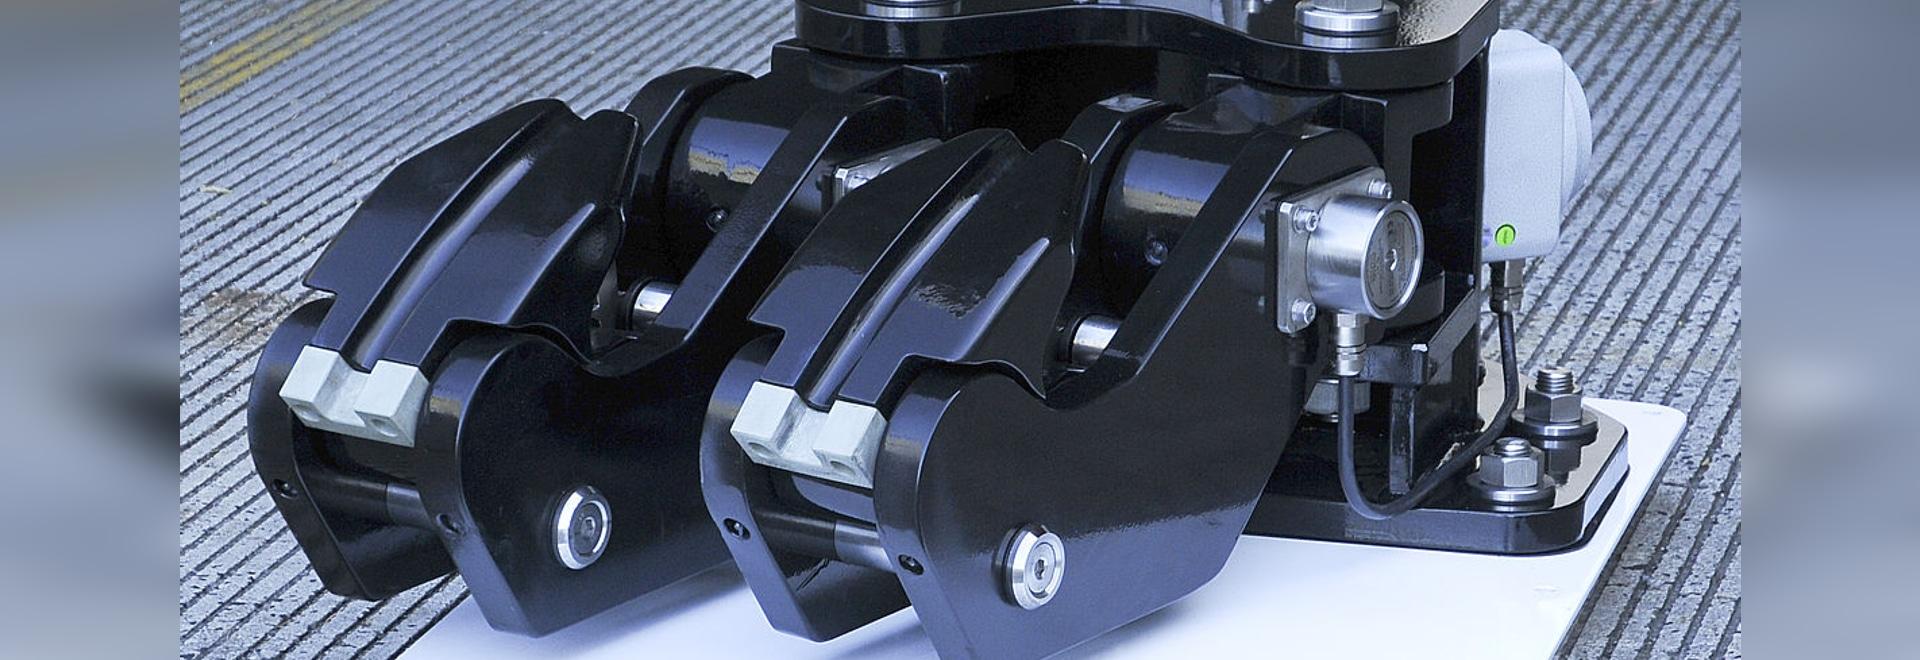 Trelleborg lance la nouvelle série compacte de crochets rapides, optimisant l'exécution avec une plus petite empreinte de pas